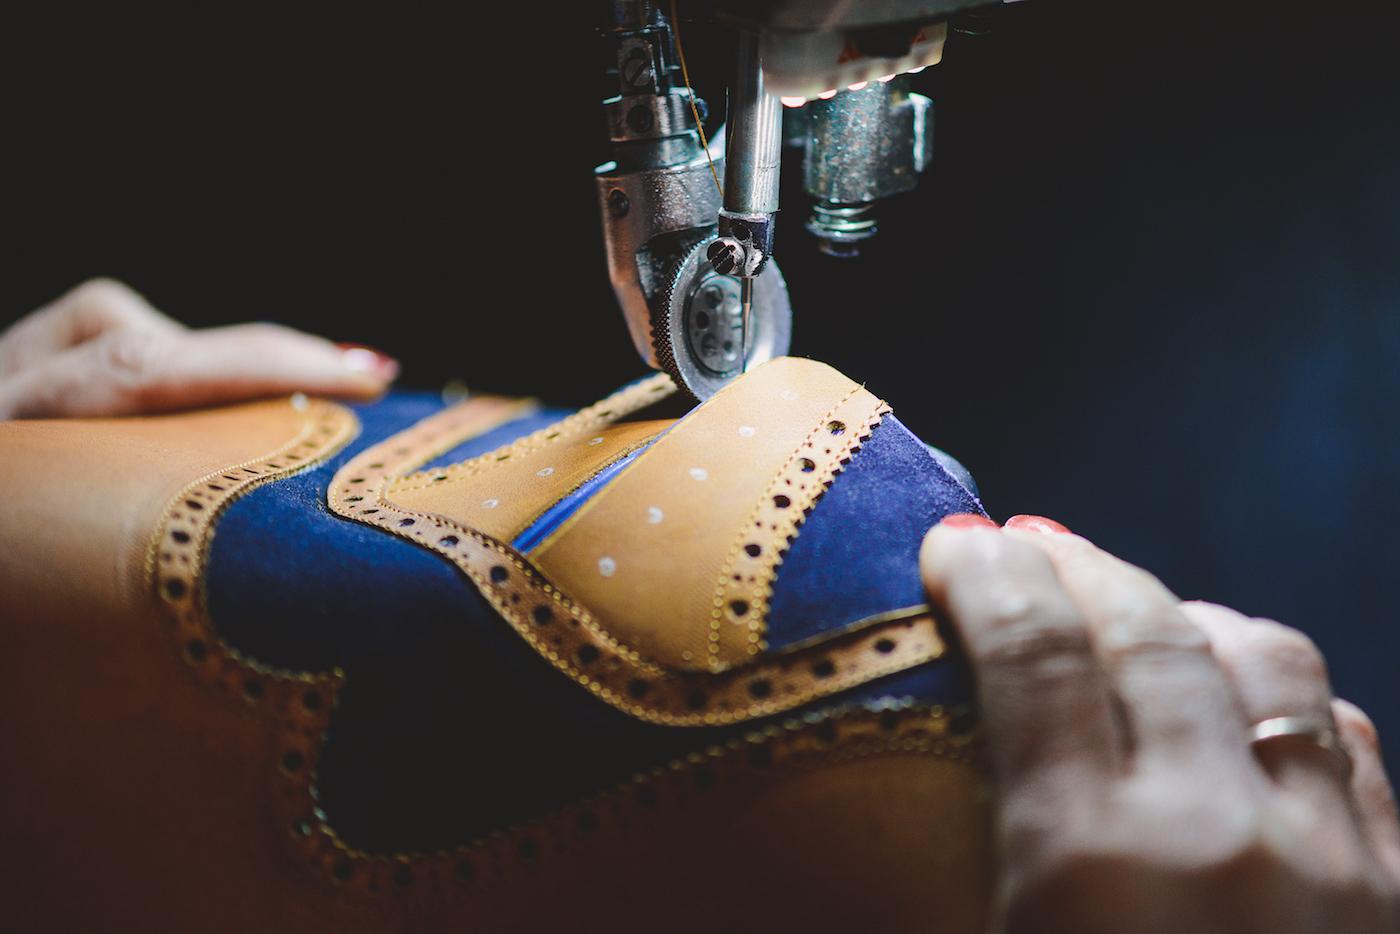 У российского бренда обуви Migliori появился шоу-рум в Санкт-Петербурге